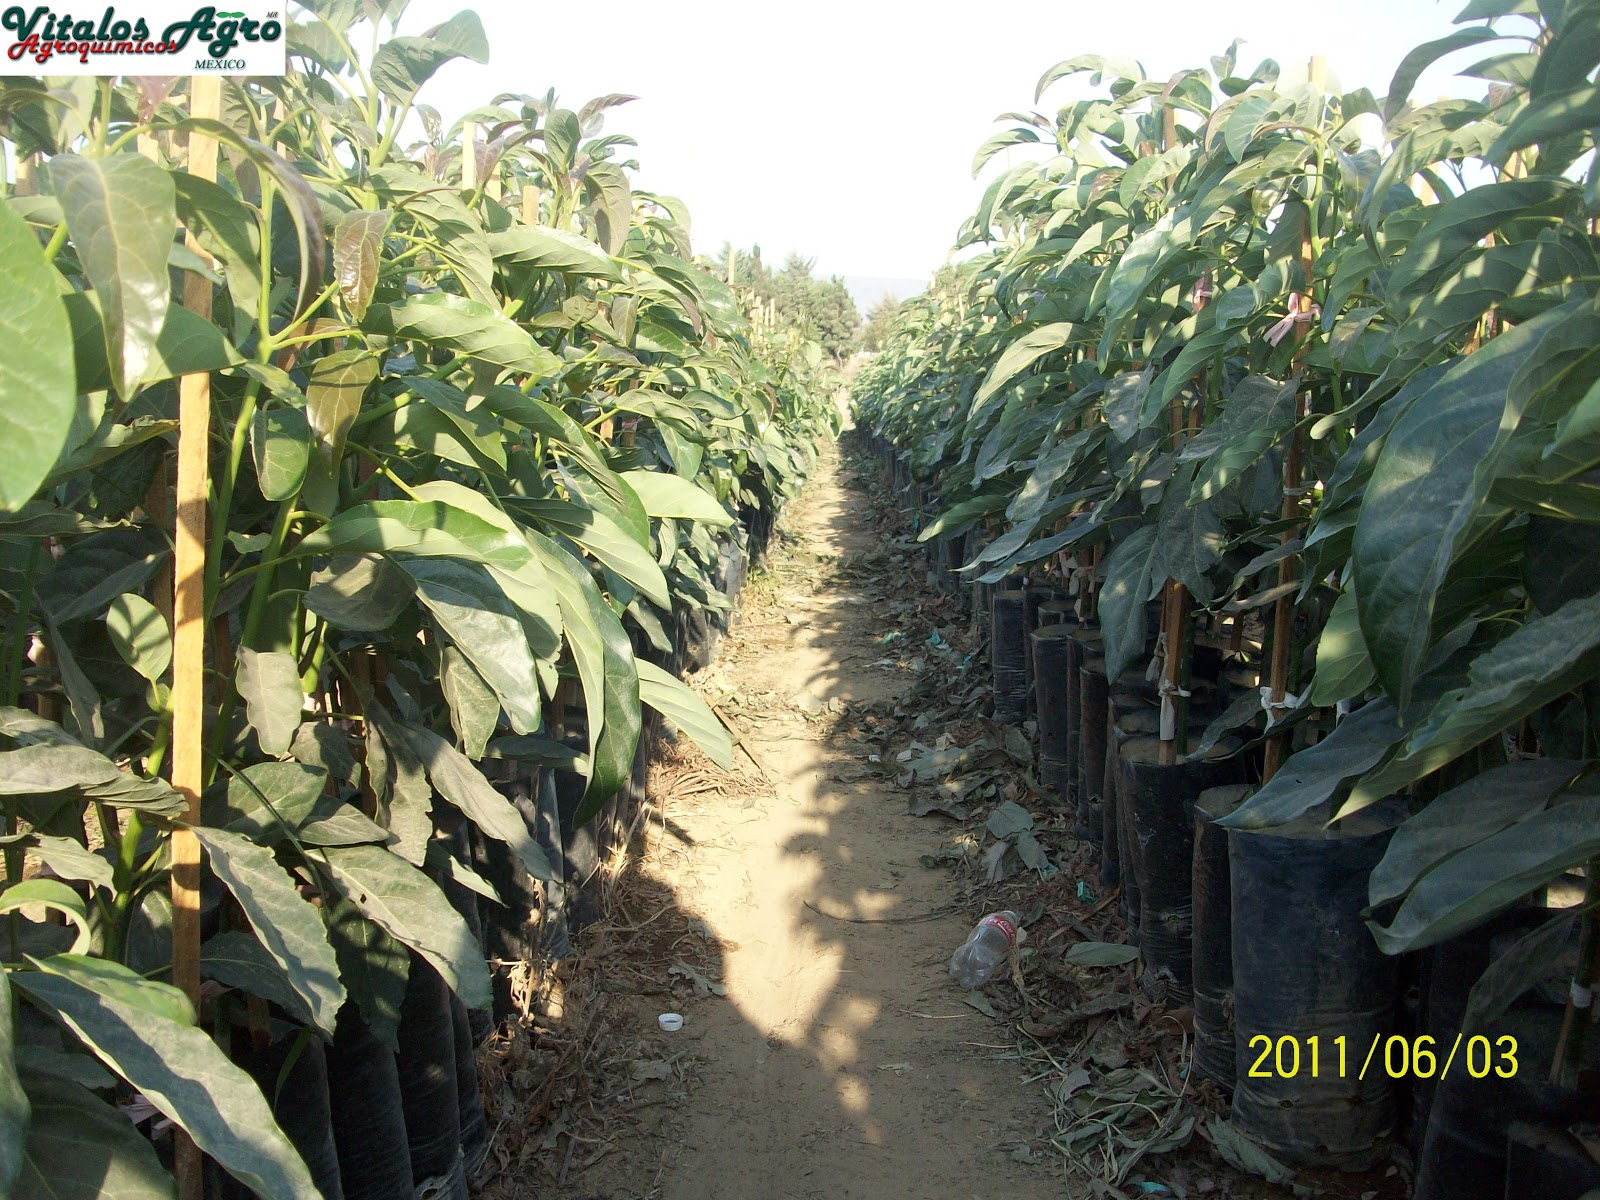 Viveros de aguacate hass y hass selecci n m ndez precios 2012 for Plantas precios viveros